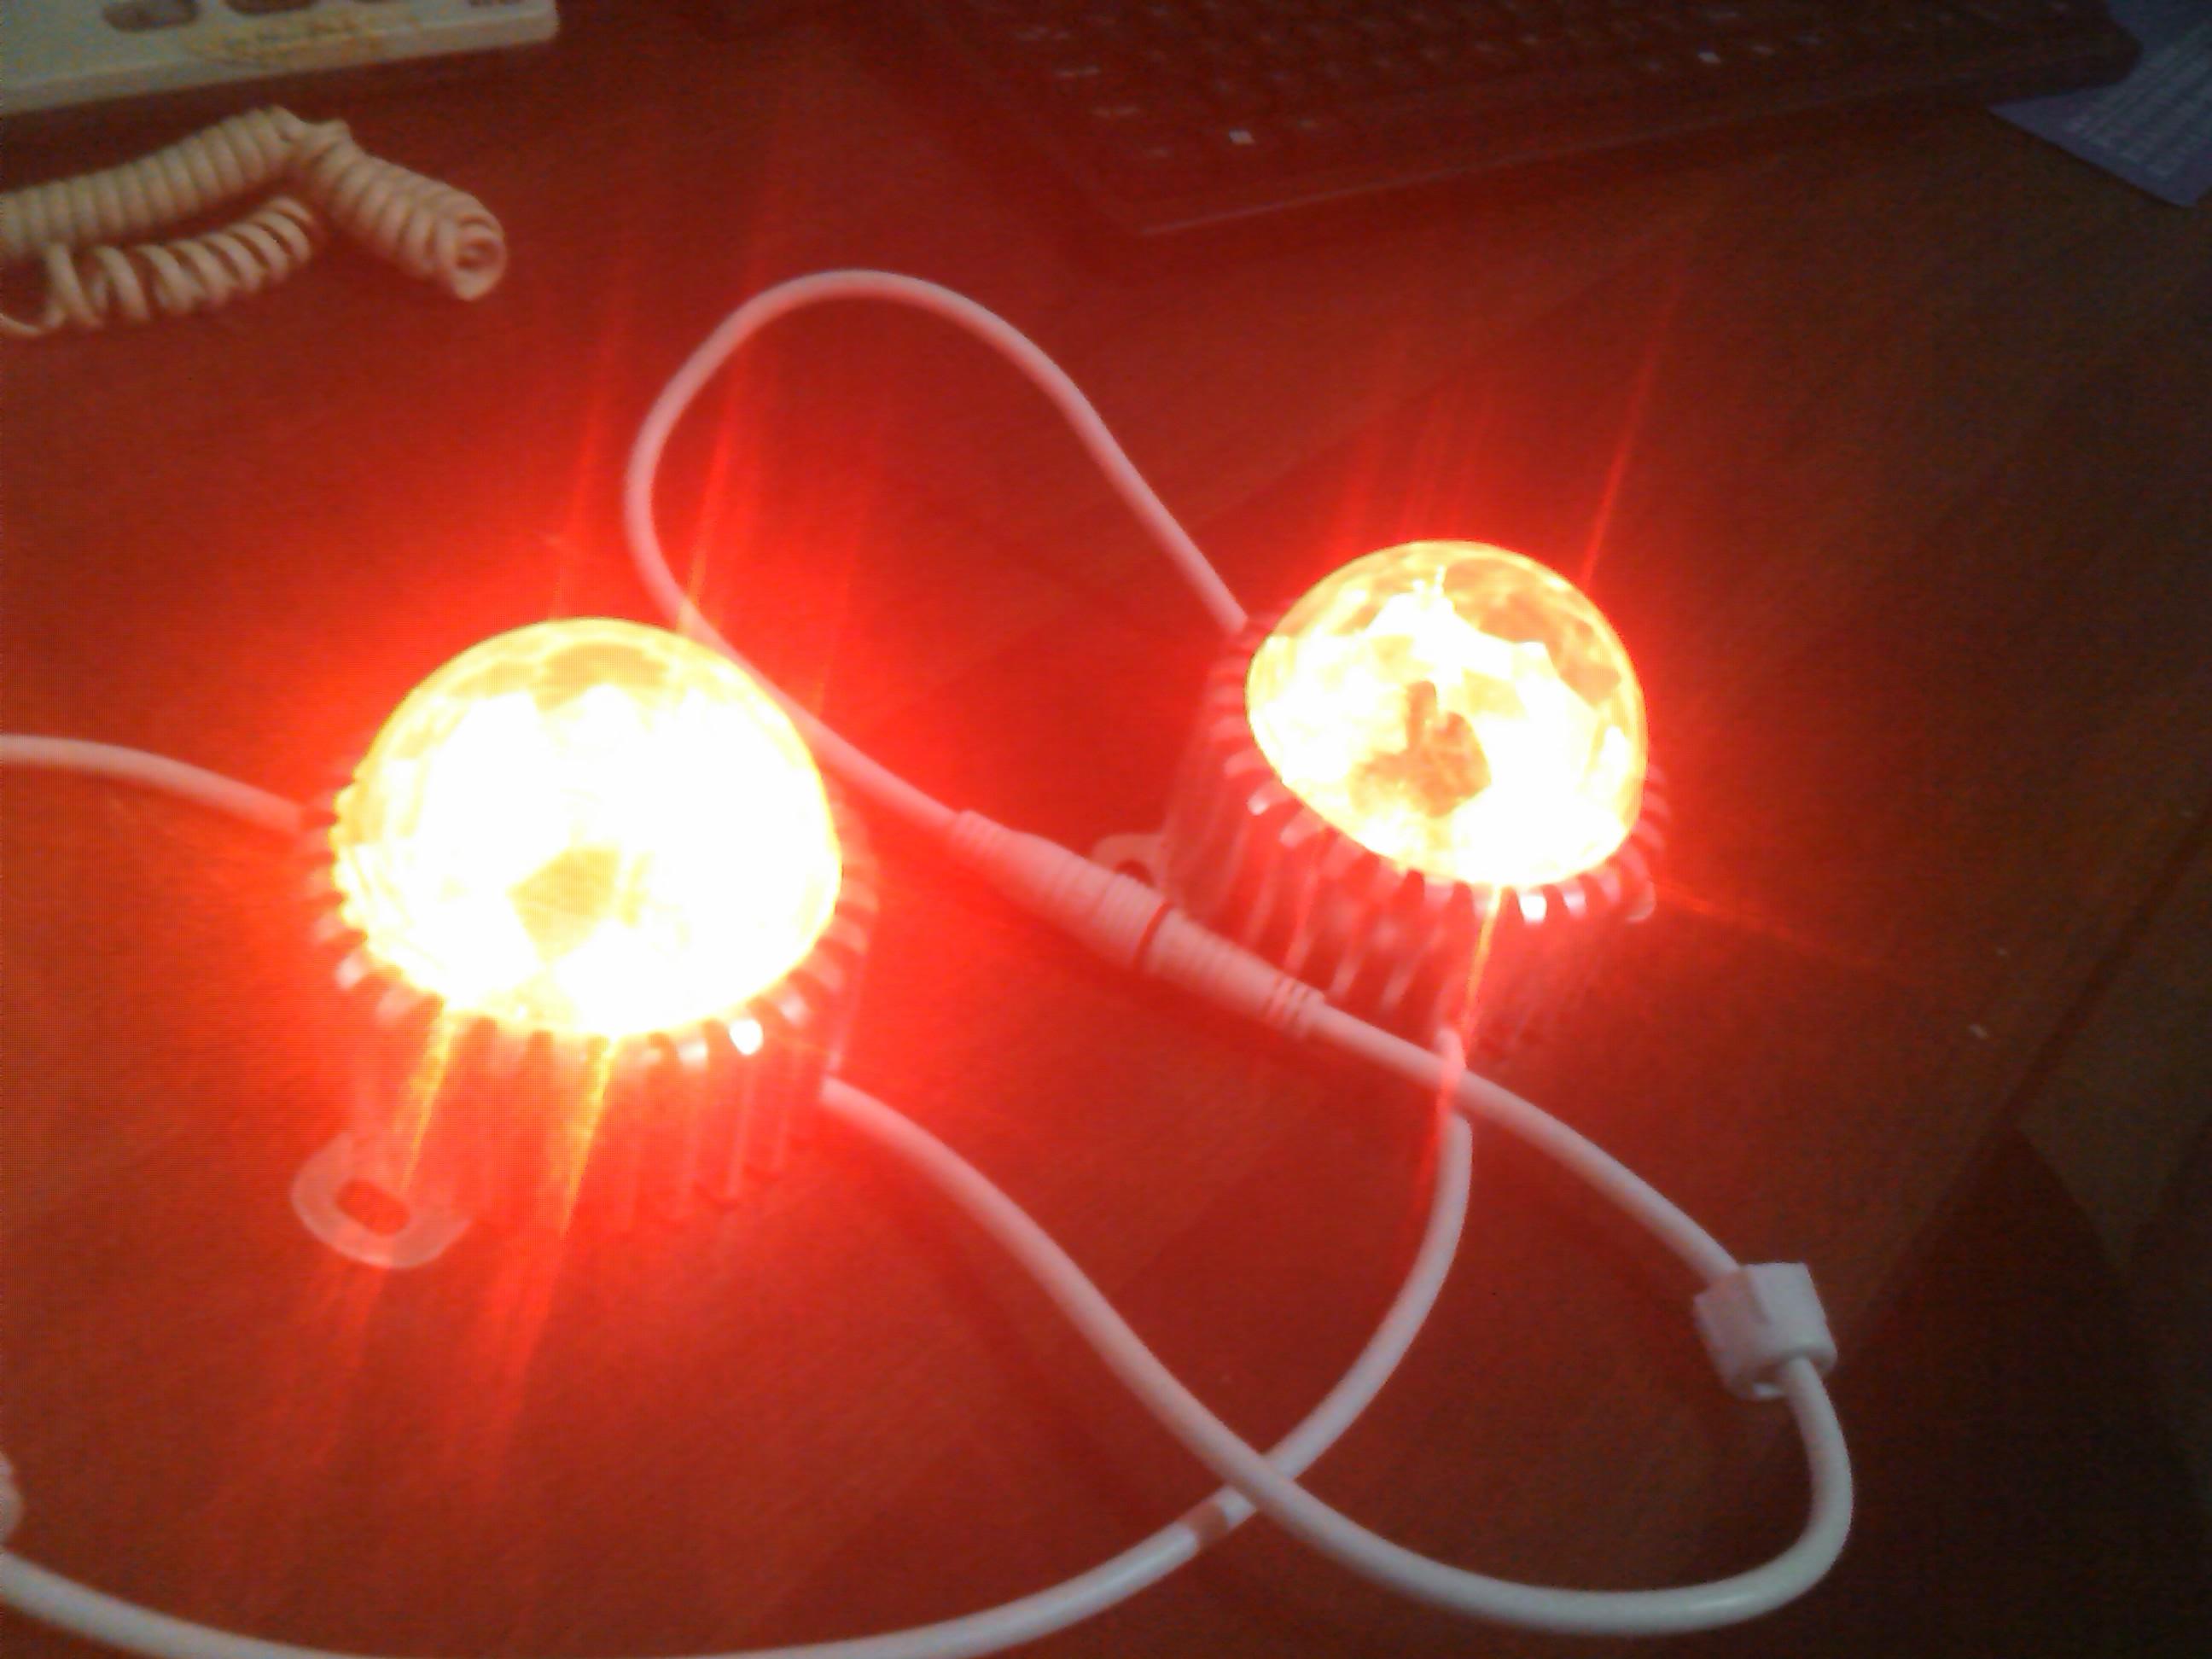 厂家直销LED点光源 广东压铸铝齿轮底点光源价格 LED装饰灯厂家